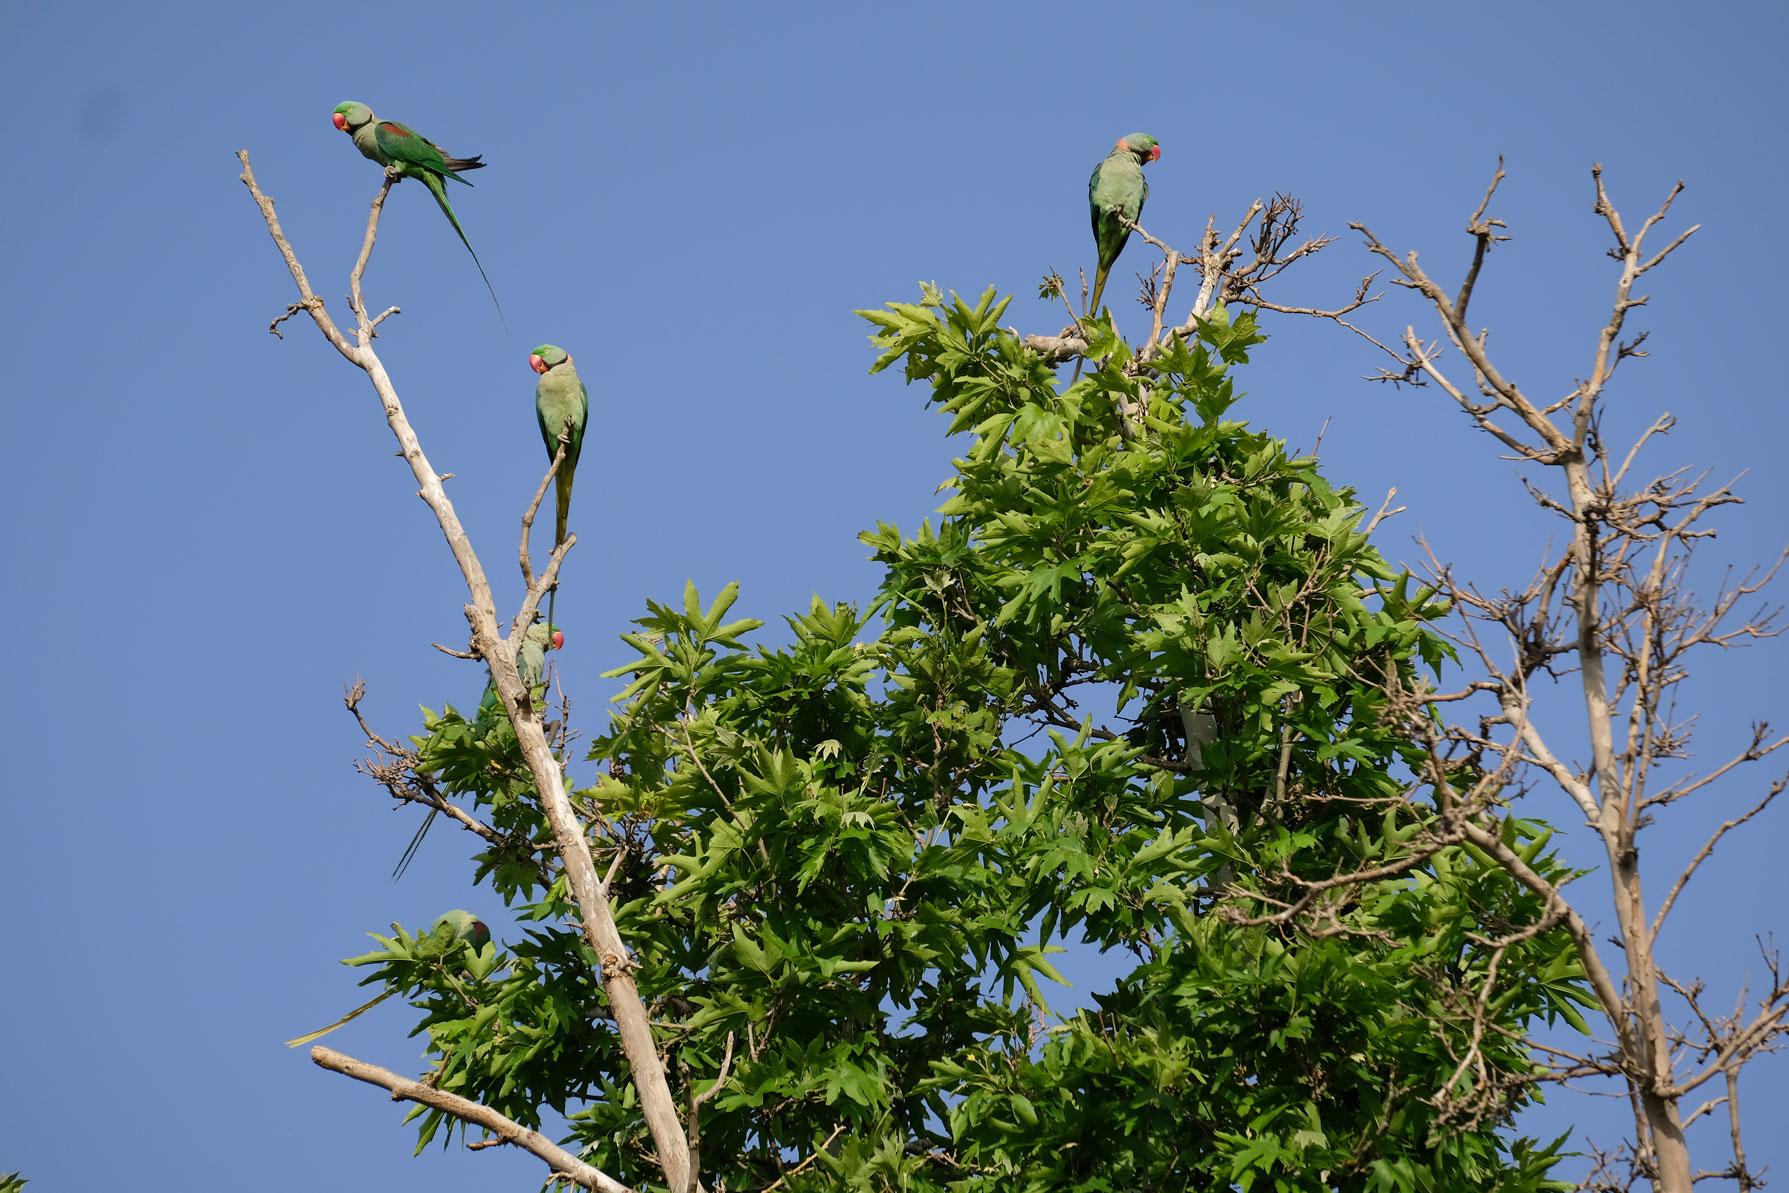 Drei grüne Papageien auf einem Baum